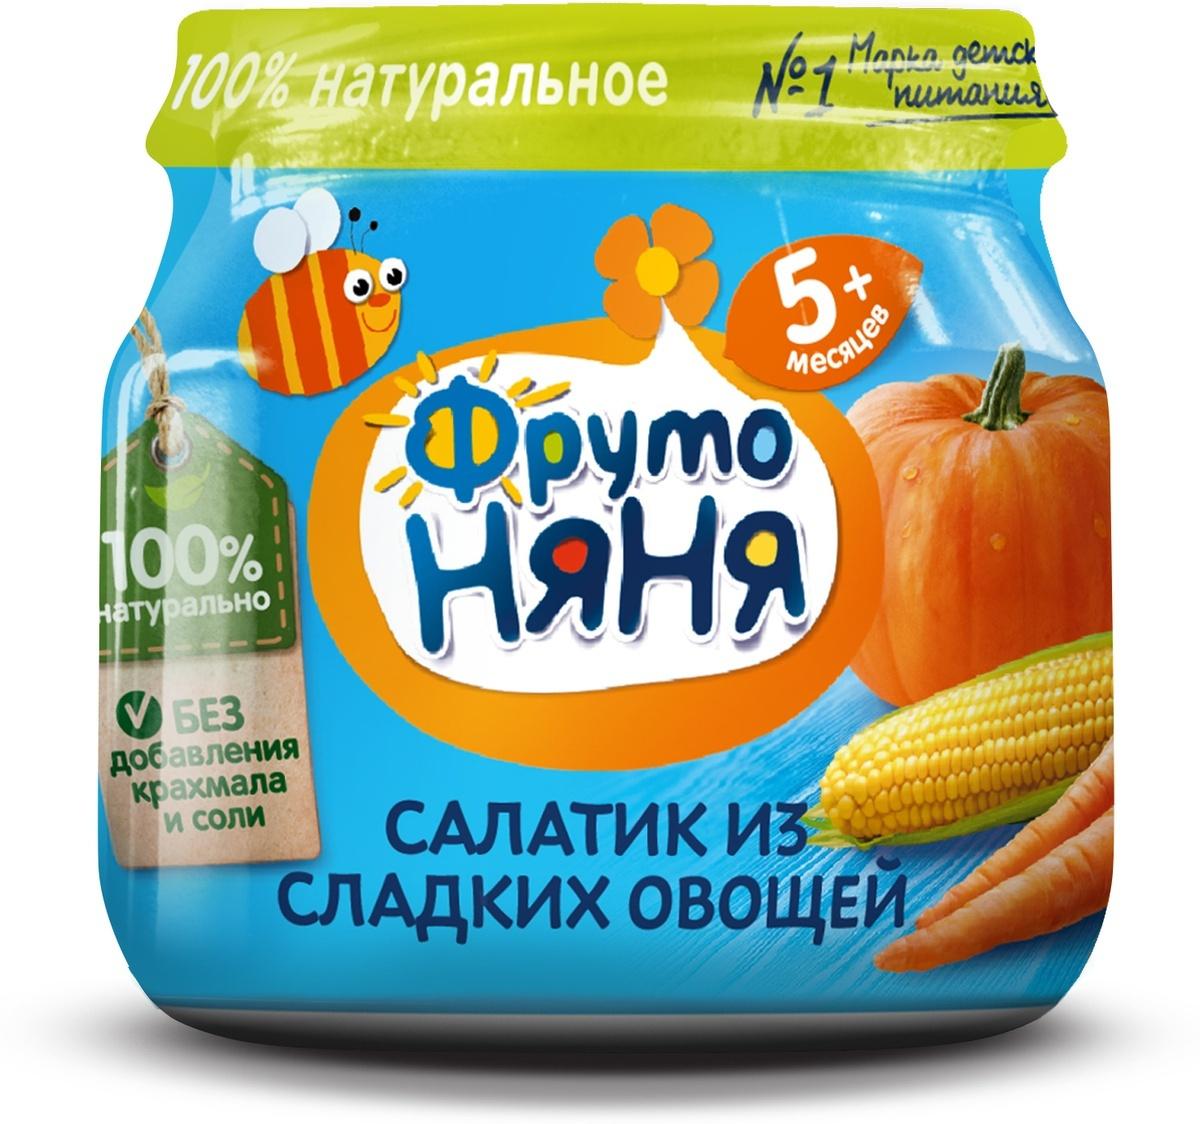 ФрутоНяня пюре Салатик из сладких овощей с 5 месяцев, 80 г  #1